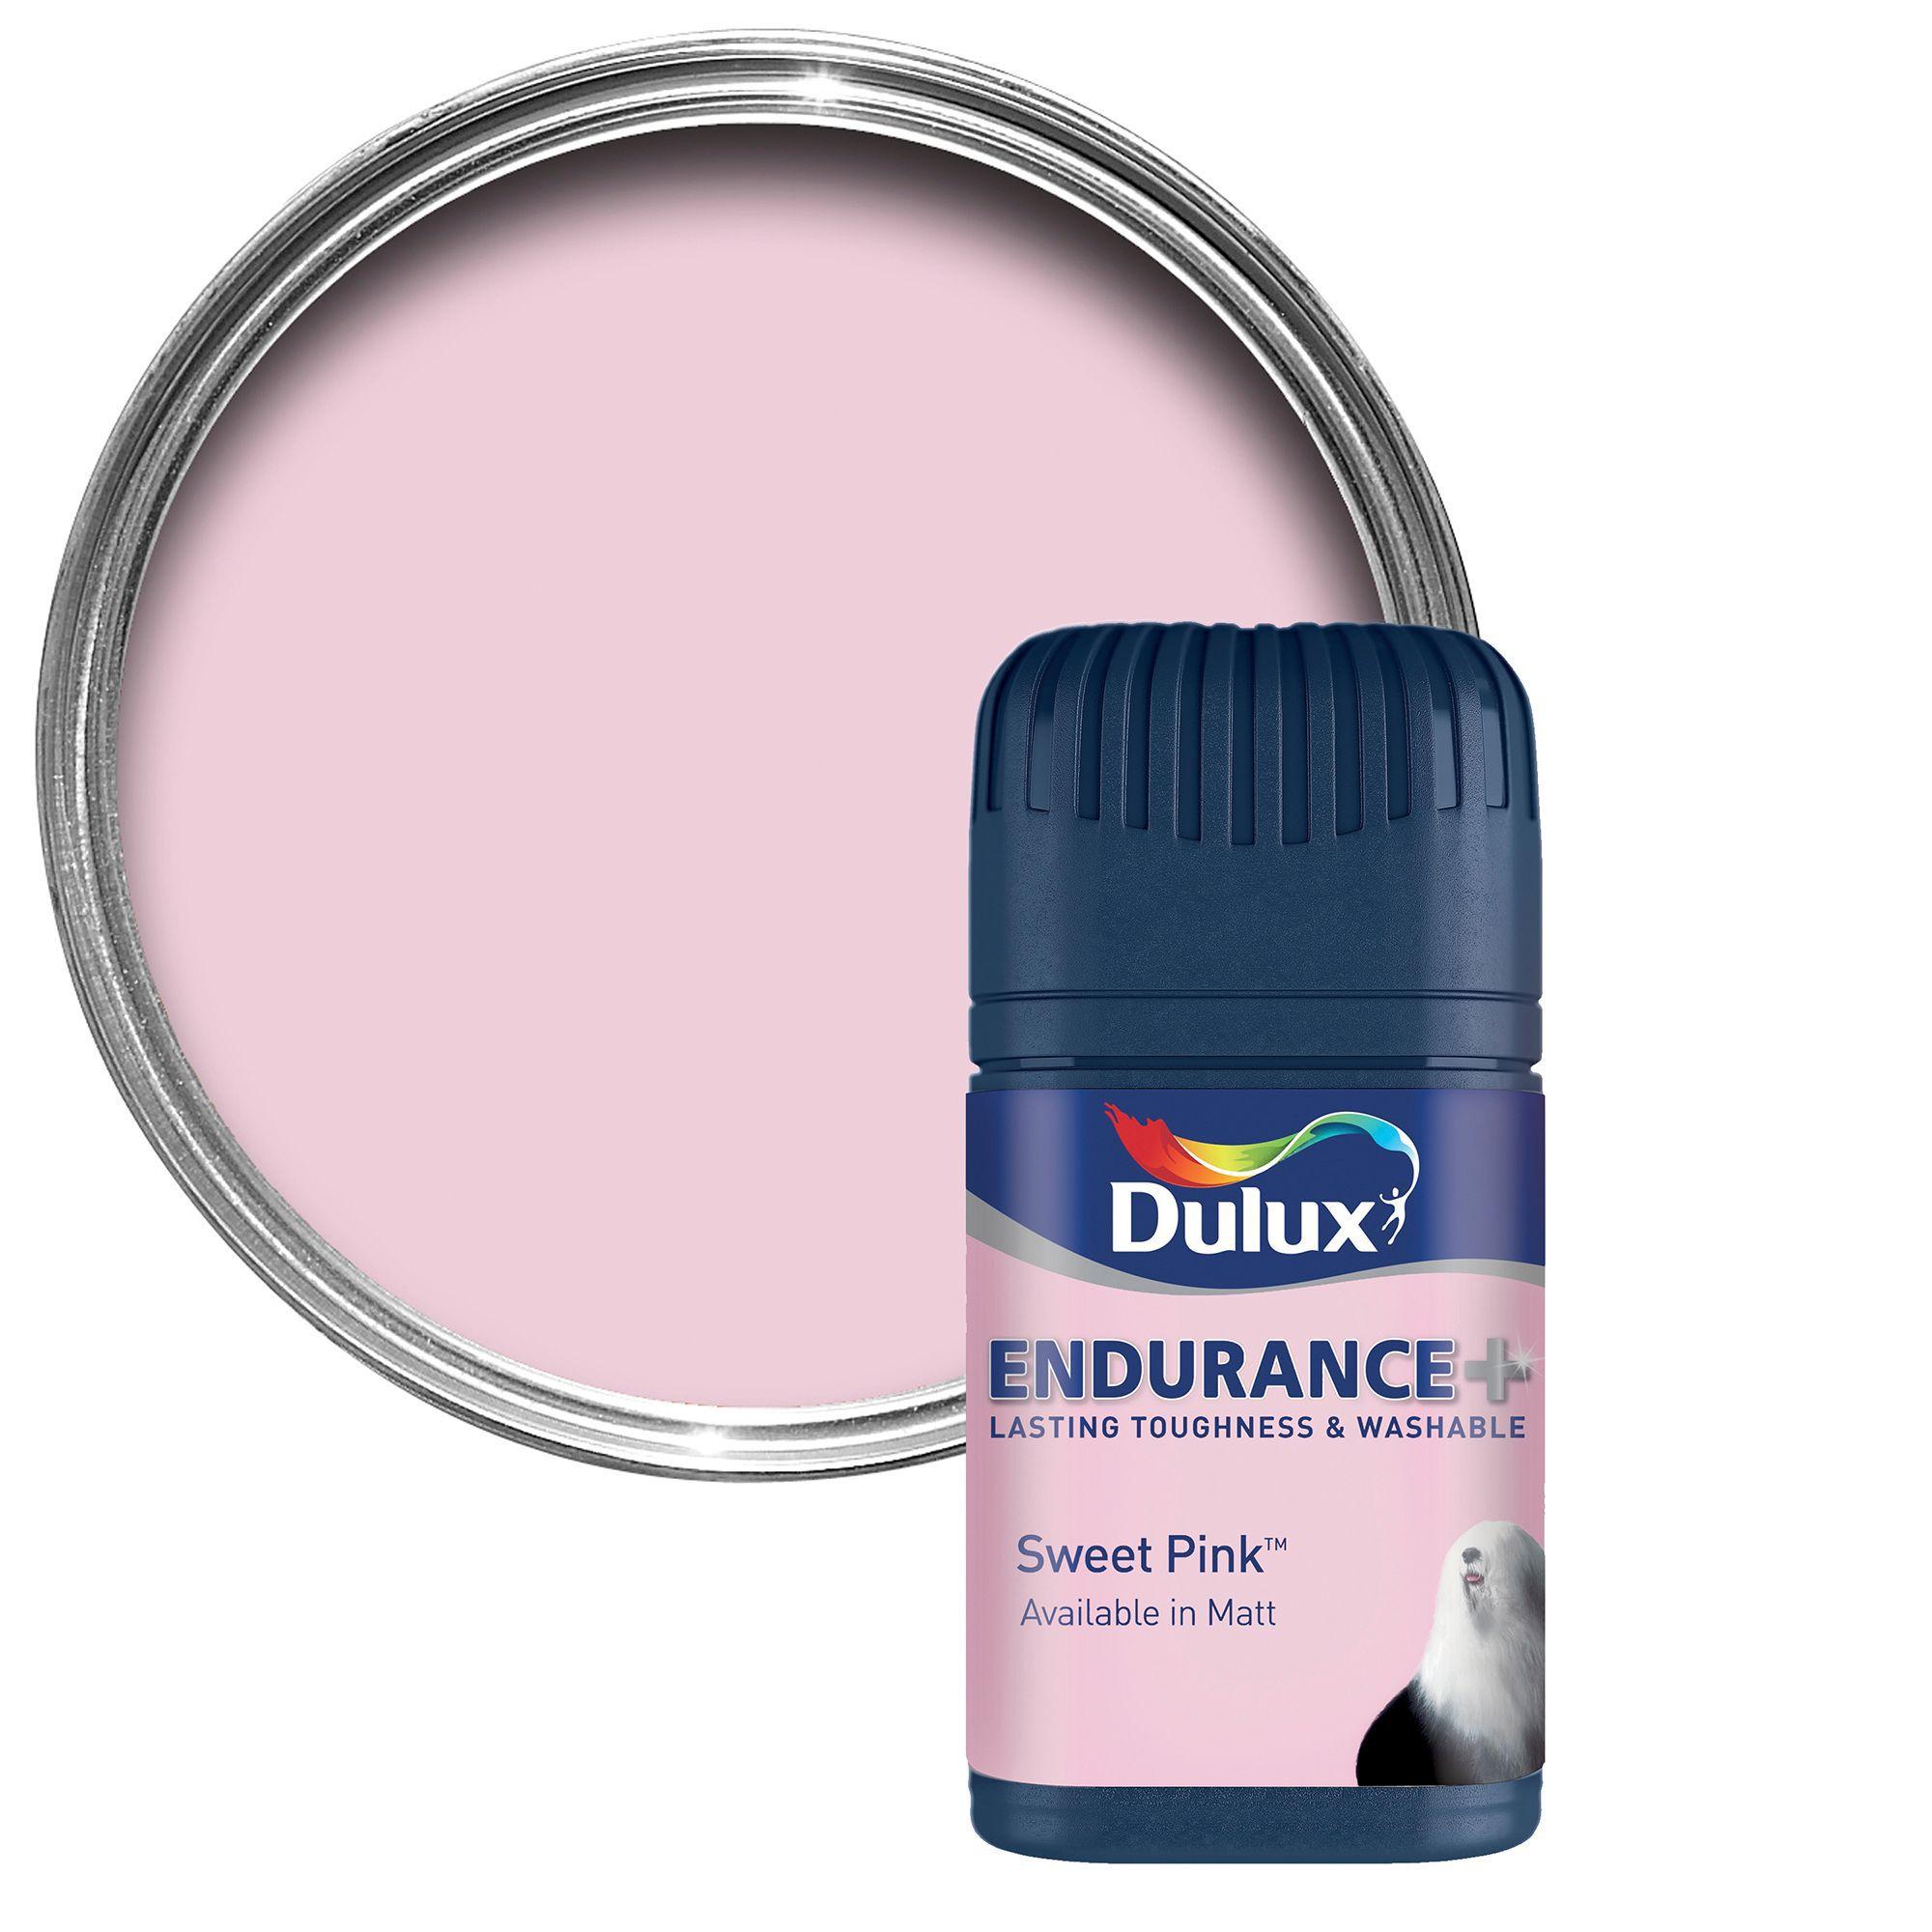 Dulux Endurance Sweet Pink Matt Emulsion Paint 50ml Tester Pot